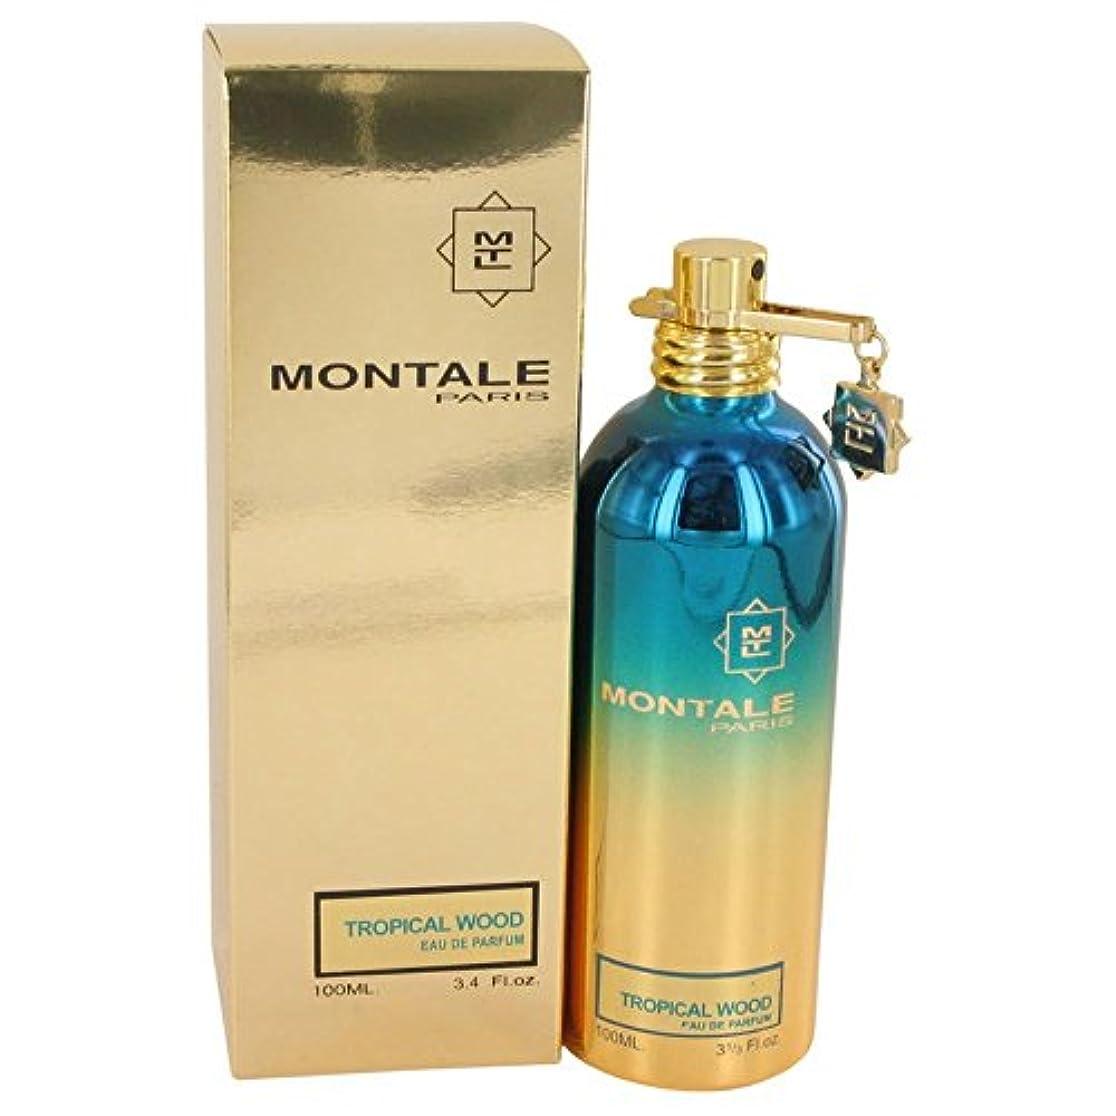 ペチコート教える心理学Montale Tropical Wood 100ml/3.4oz Eau De Parfum Spray Unisex Perfume Fragrance